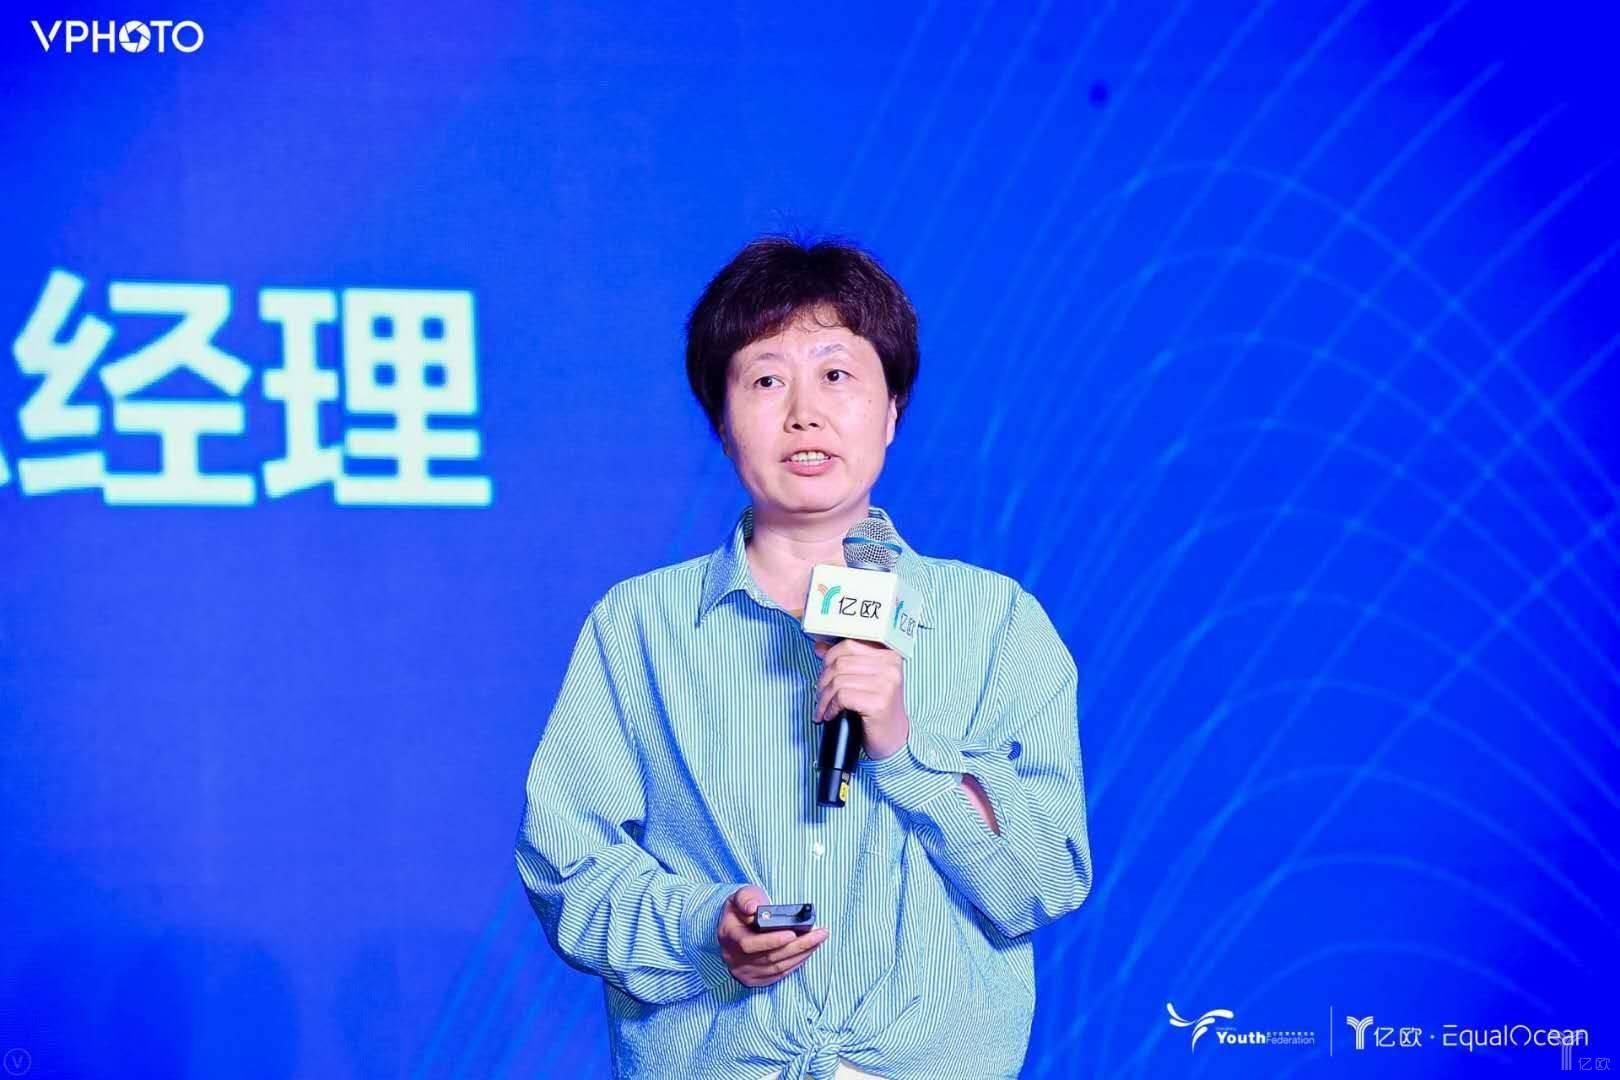 阿里工业云杨国彦:工业大脑助力制造业转型升级